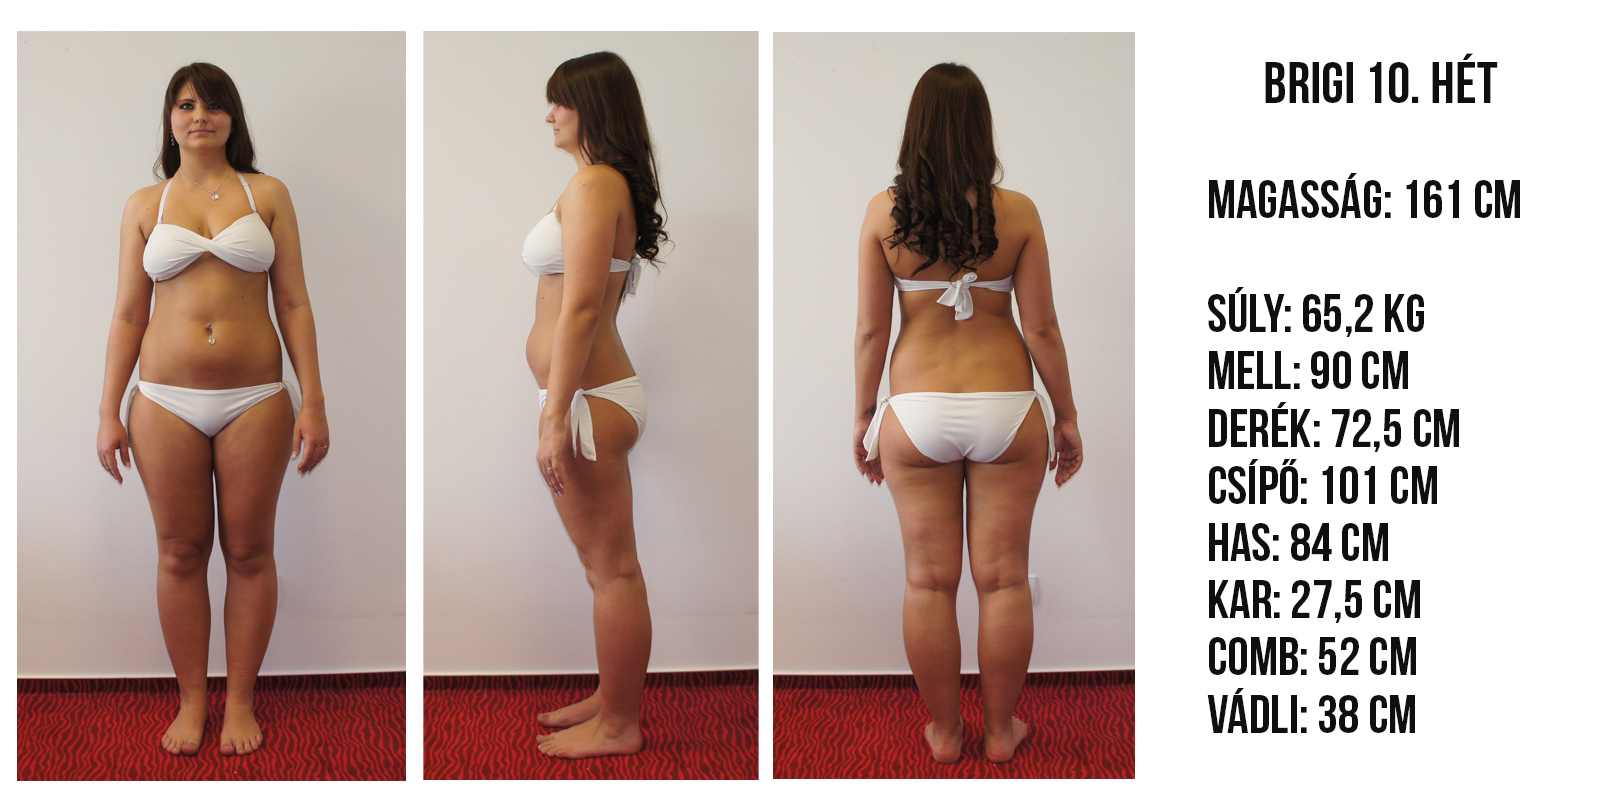 egyéb súlycsökkentő műtétek A meridiák súlyvesztést okoznak